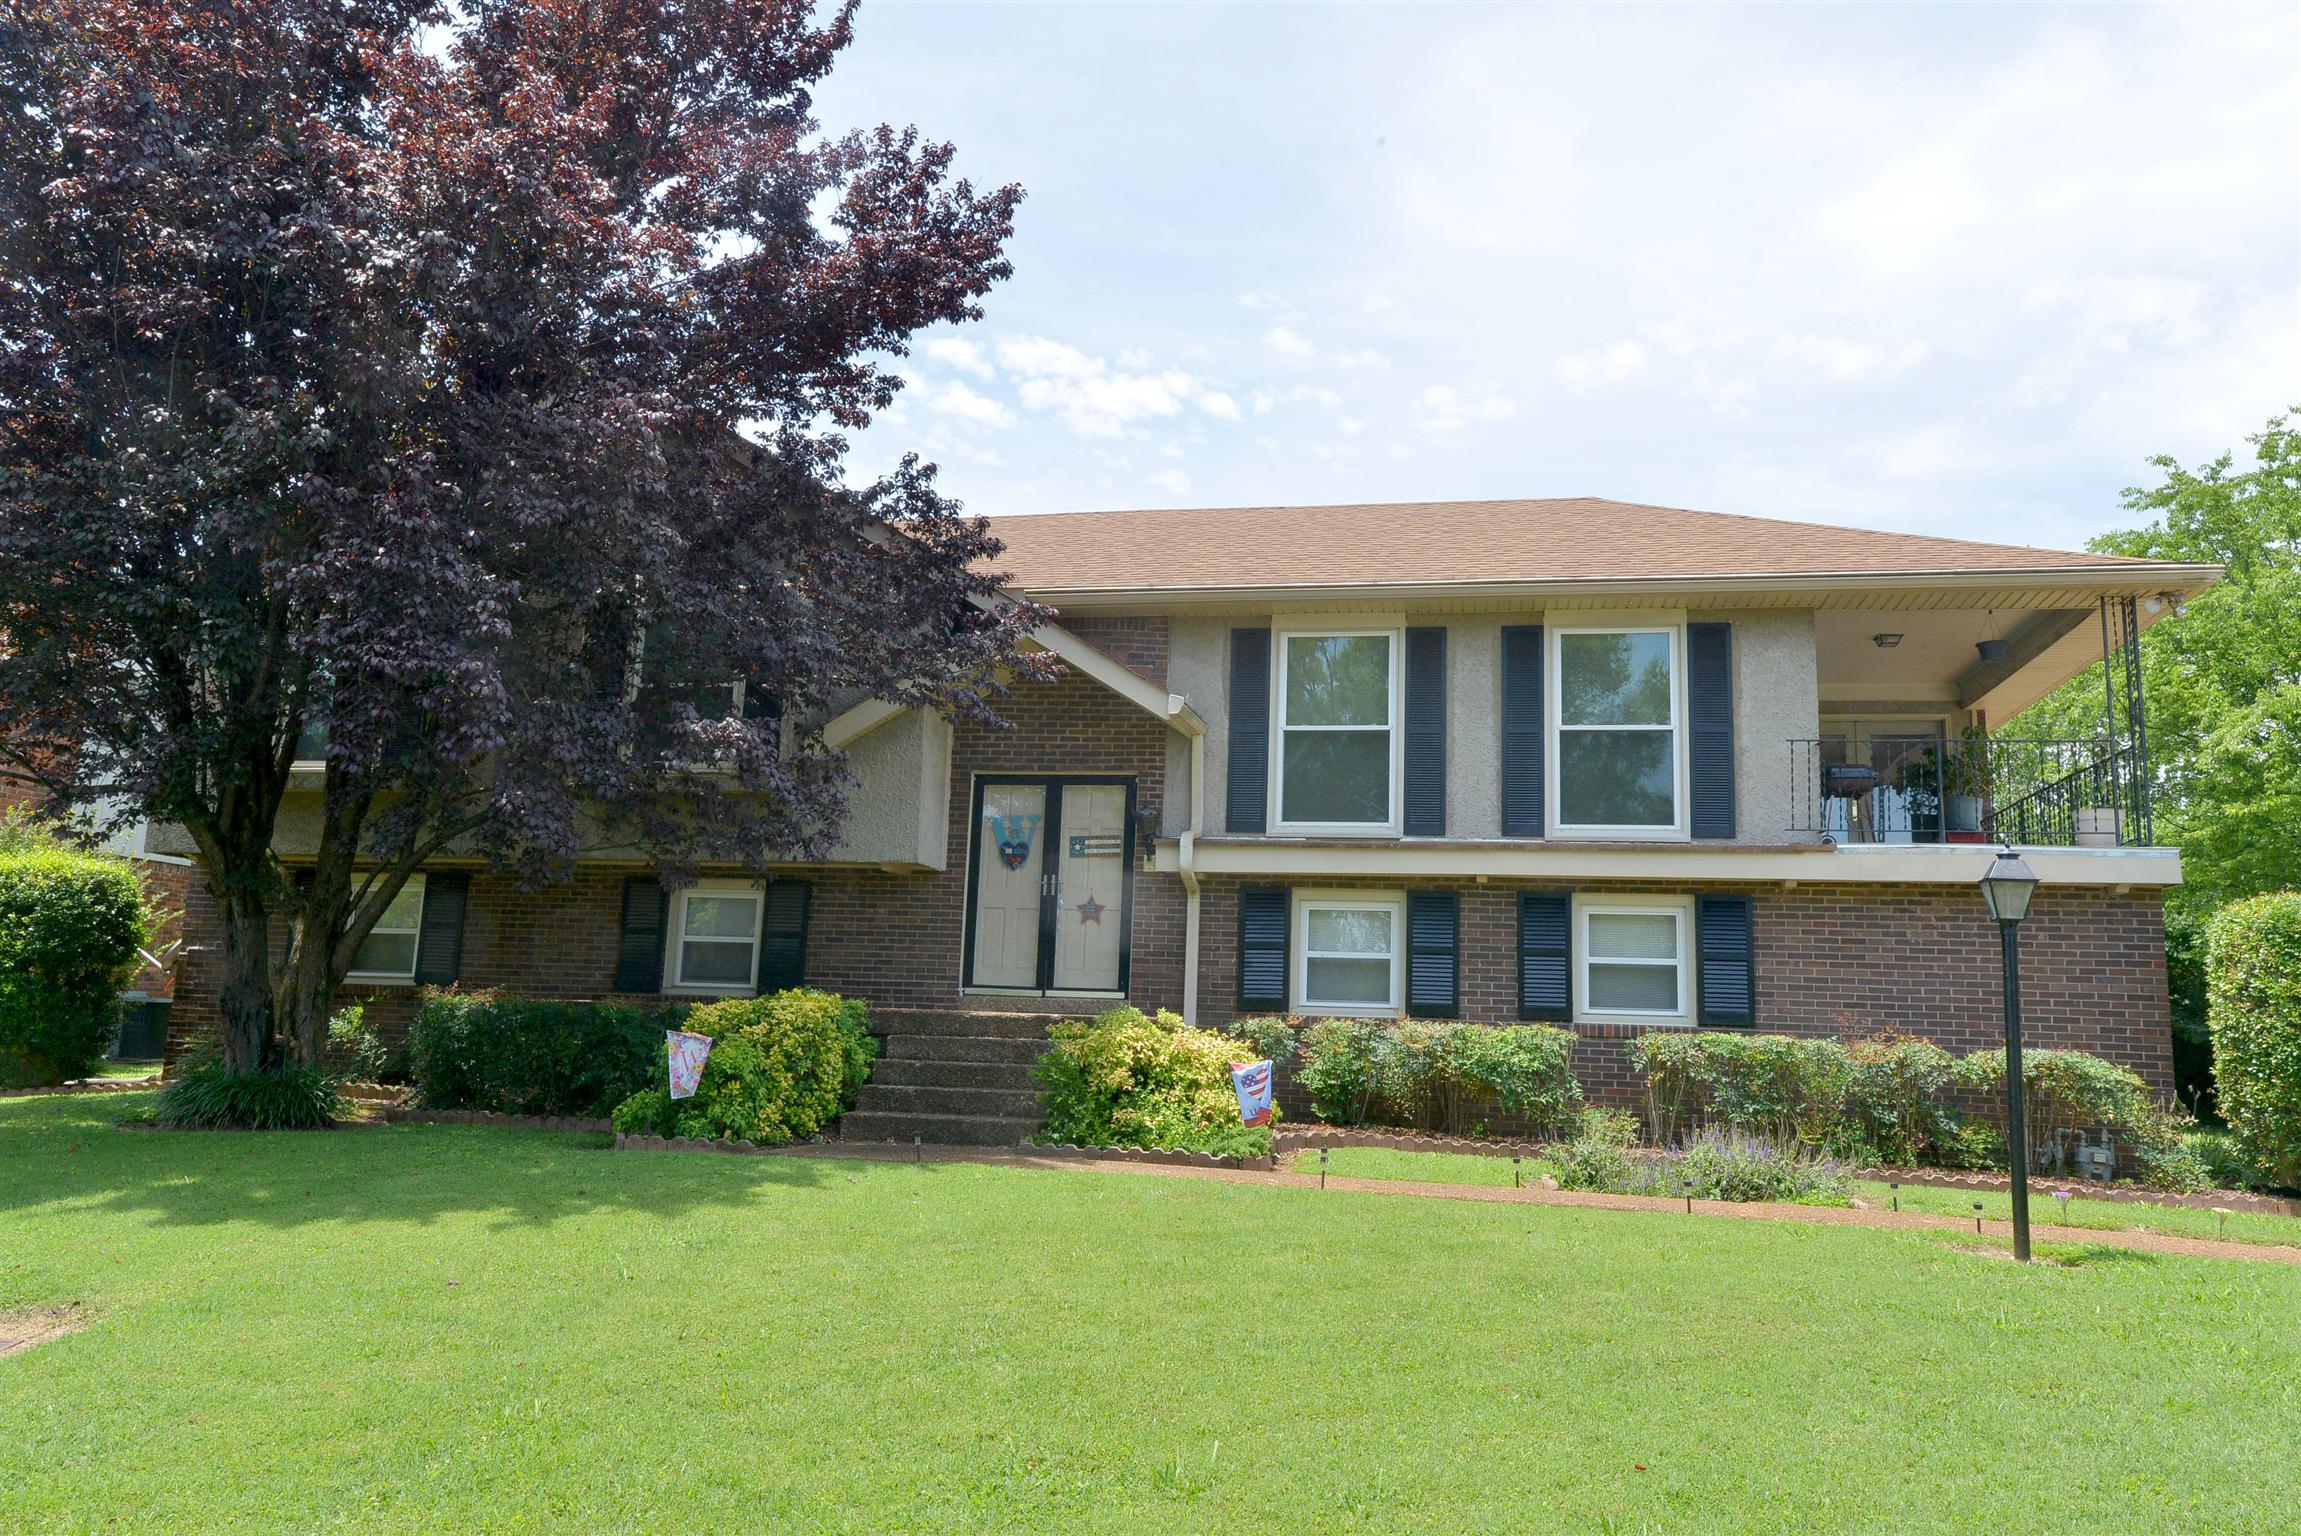 141 Timber Ridge Dr, Nashville, TN 37217 - Nashville, TN real estate listing